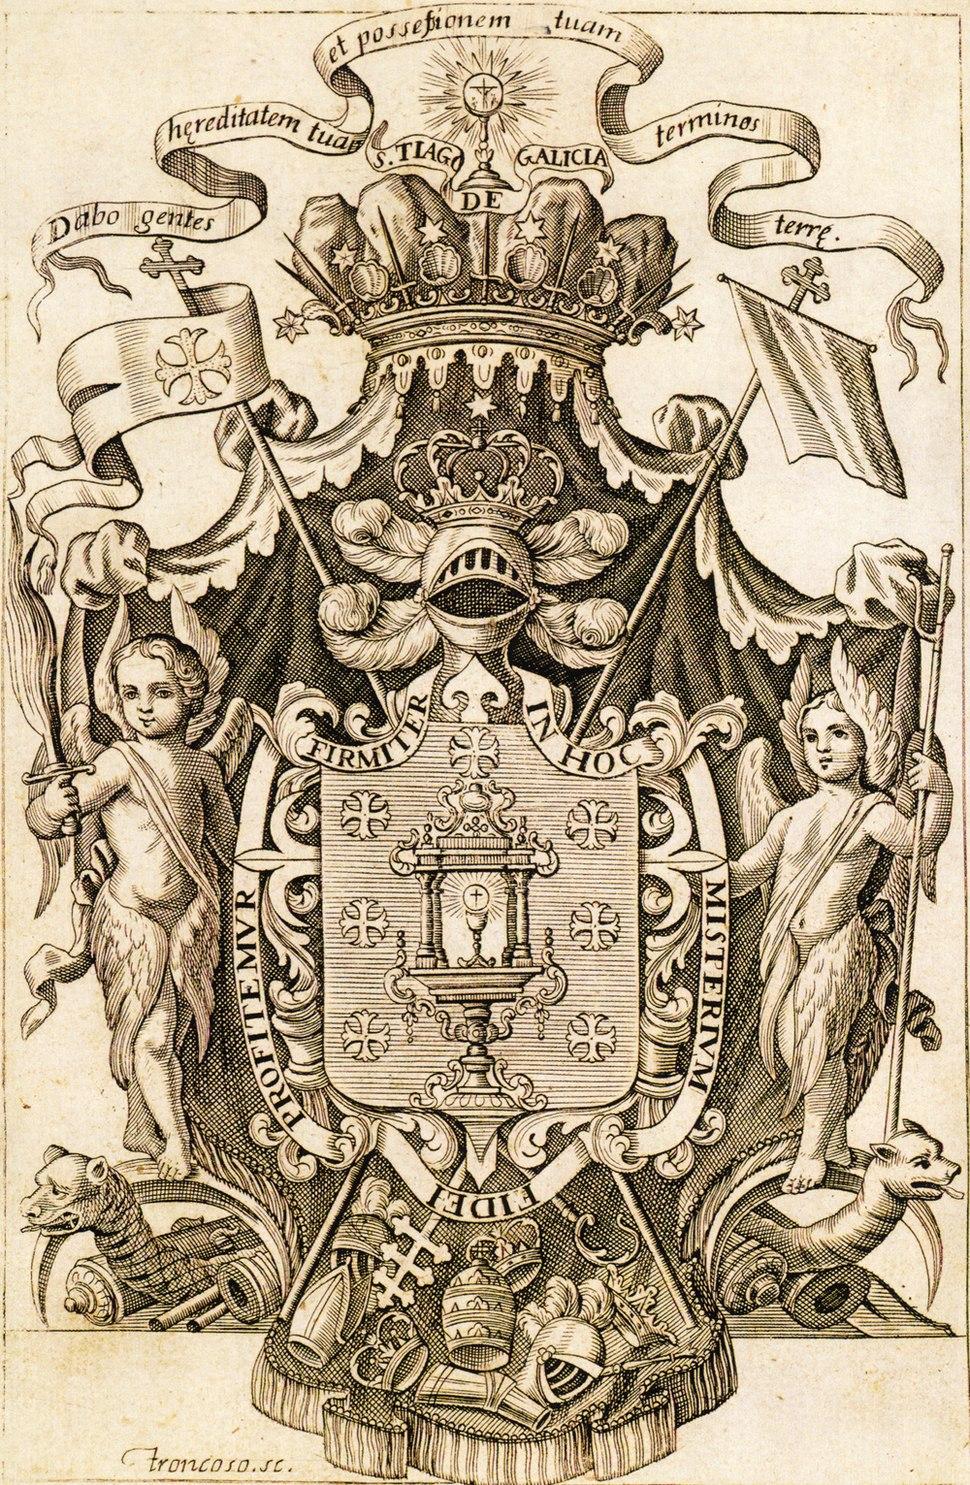 Reino de Galicia -kingdom of Galicia-troncoso